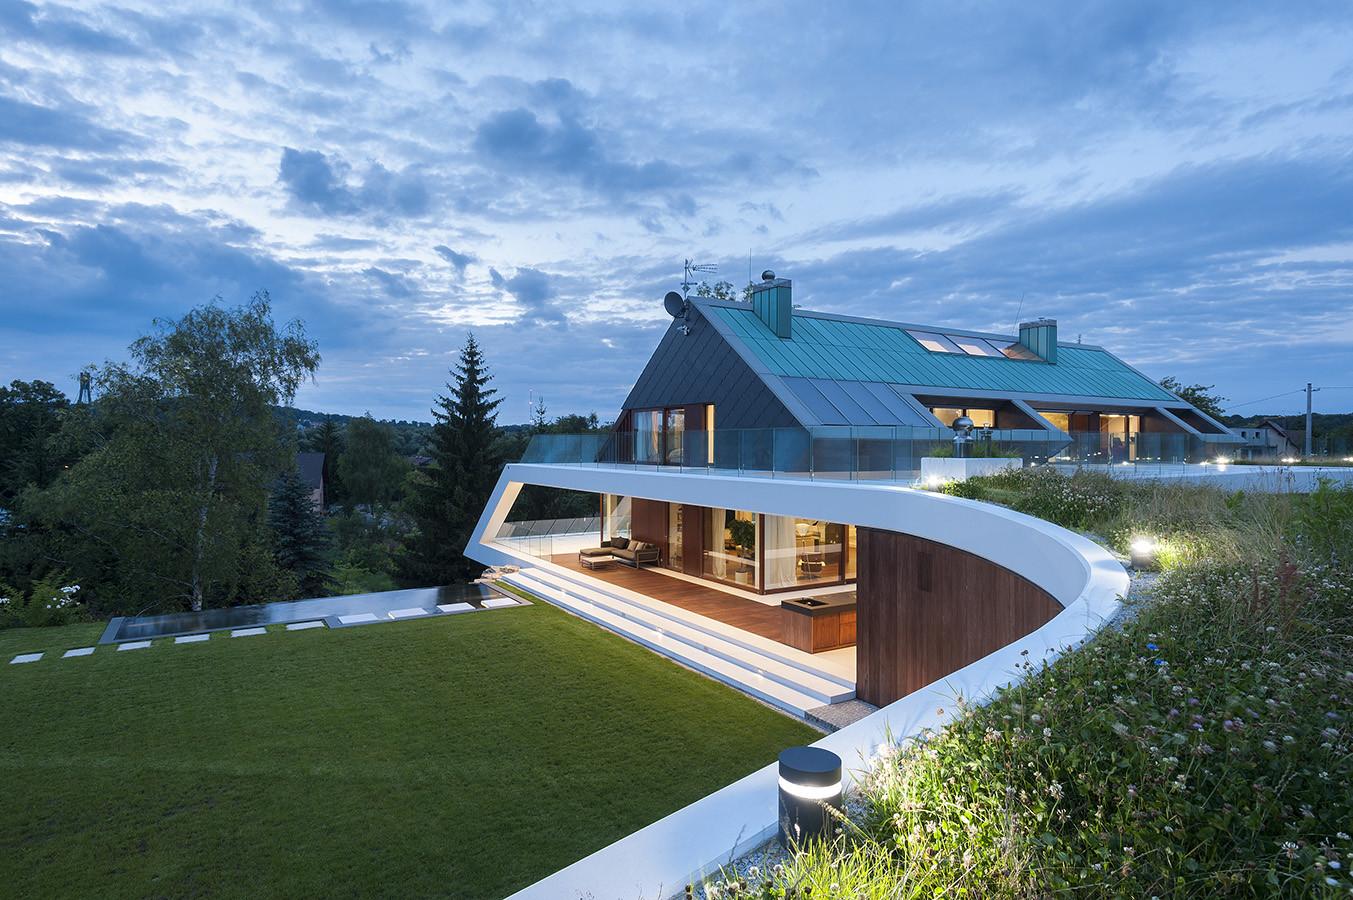 Edge House / Mobius Architects, © Pawel Ulatowski